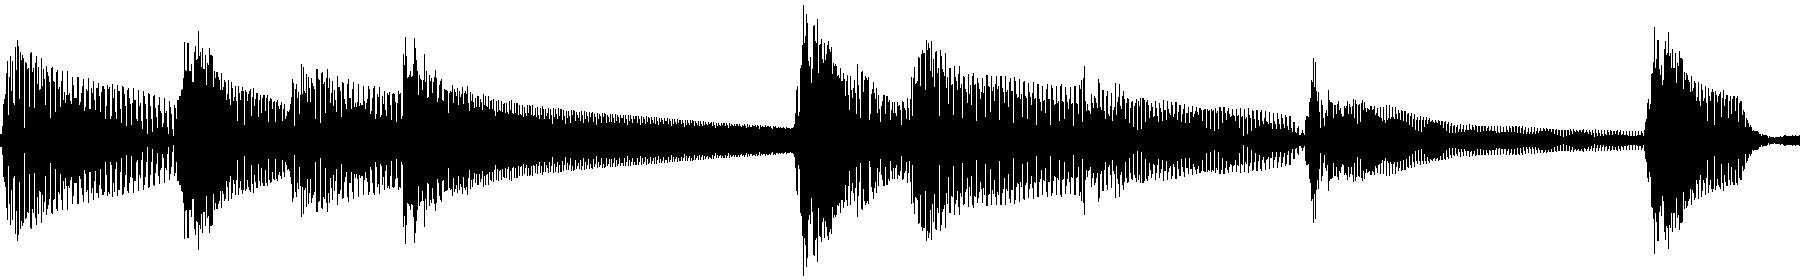 a bass b 1